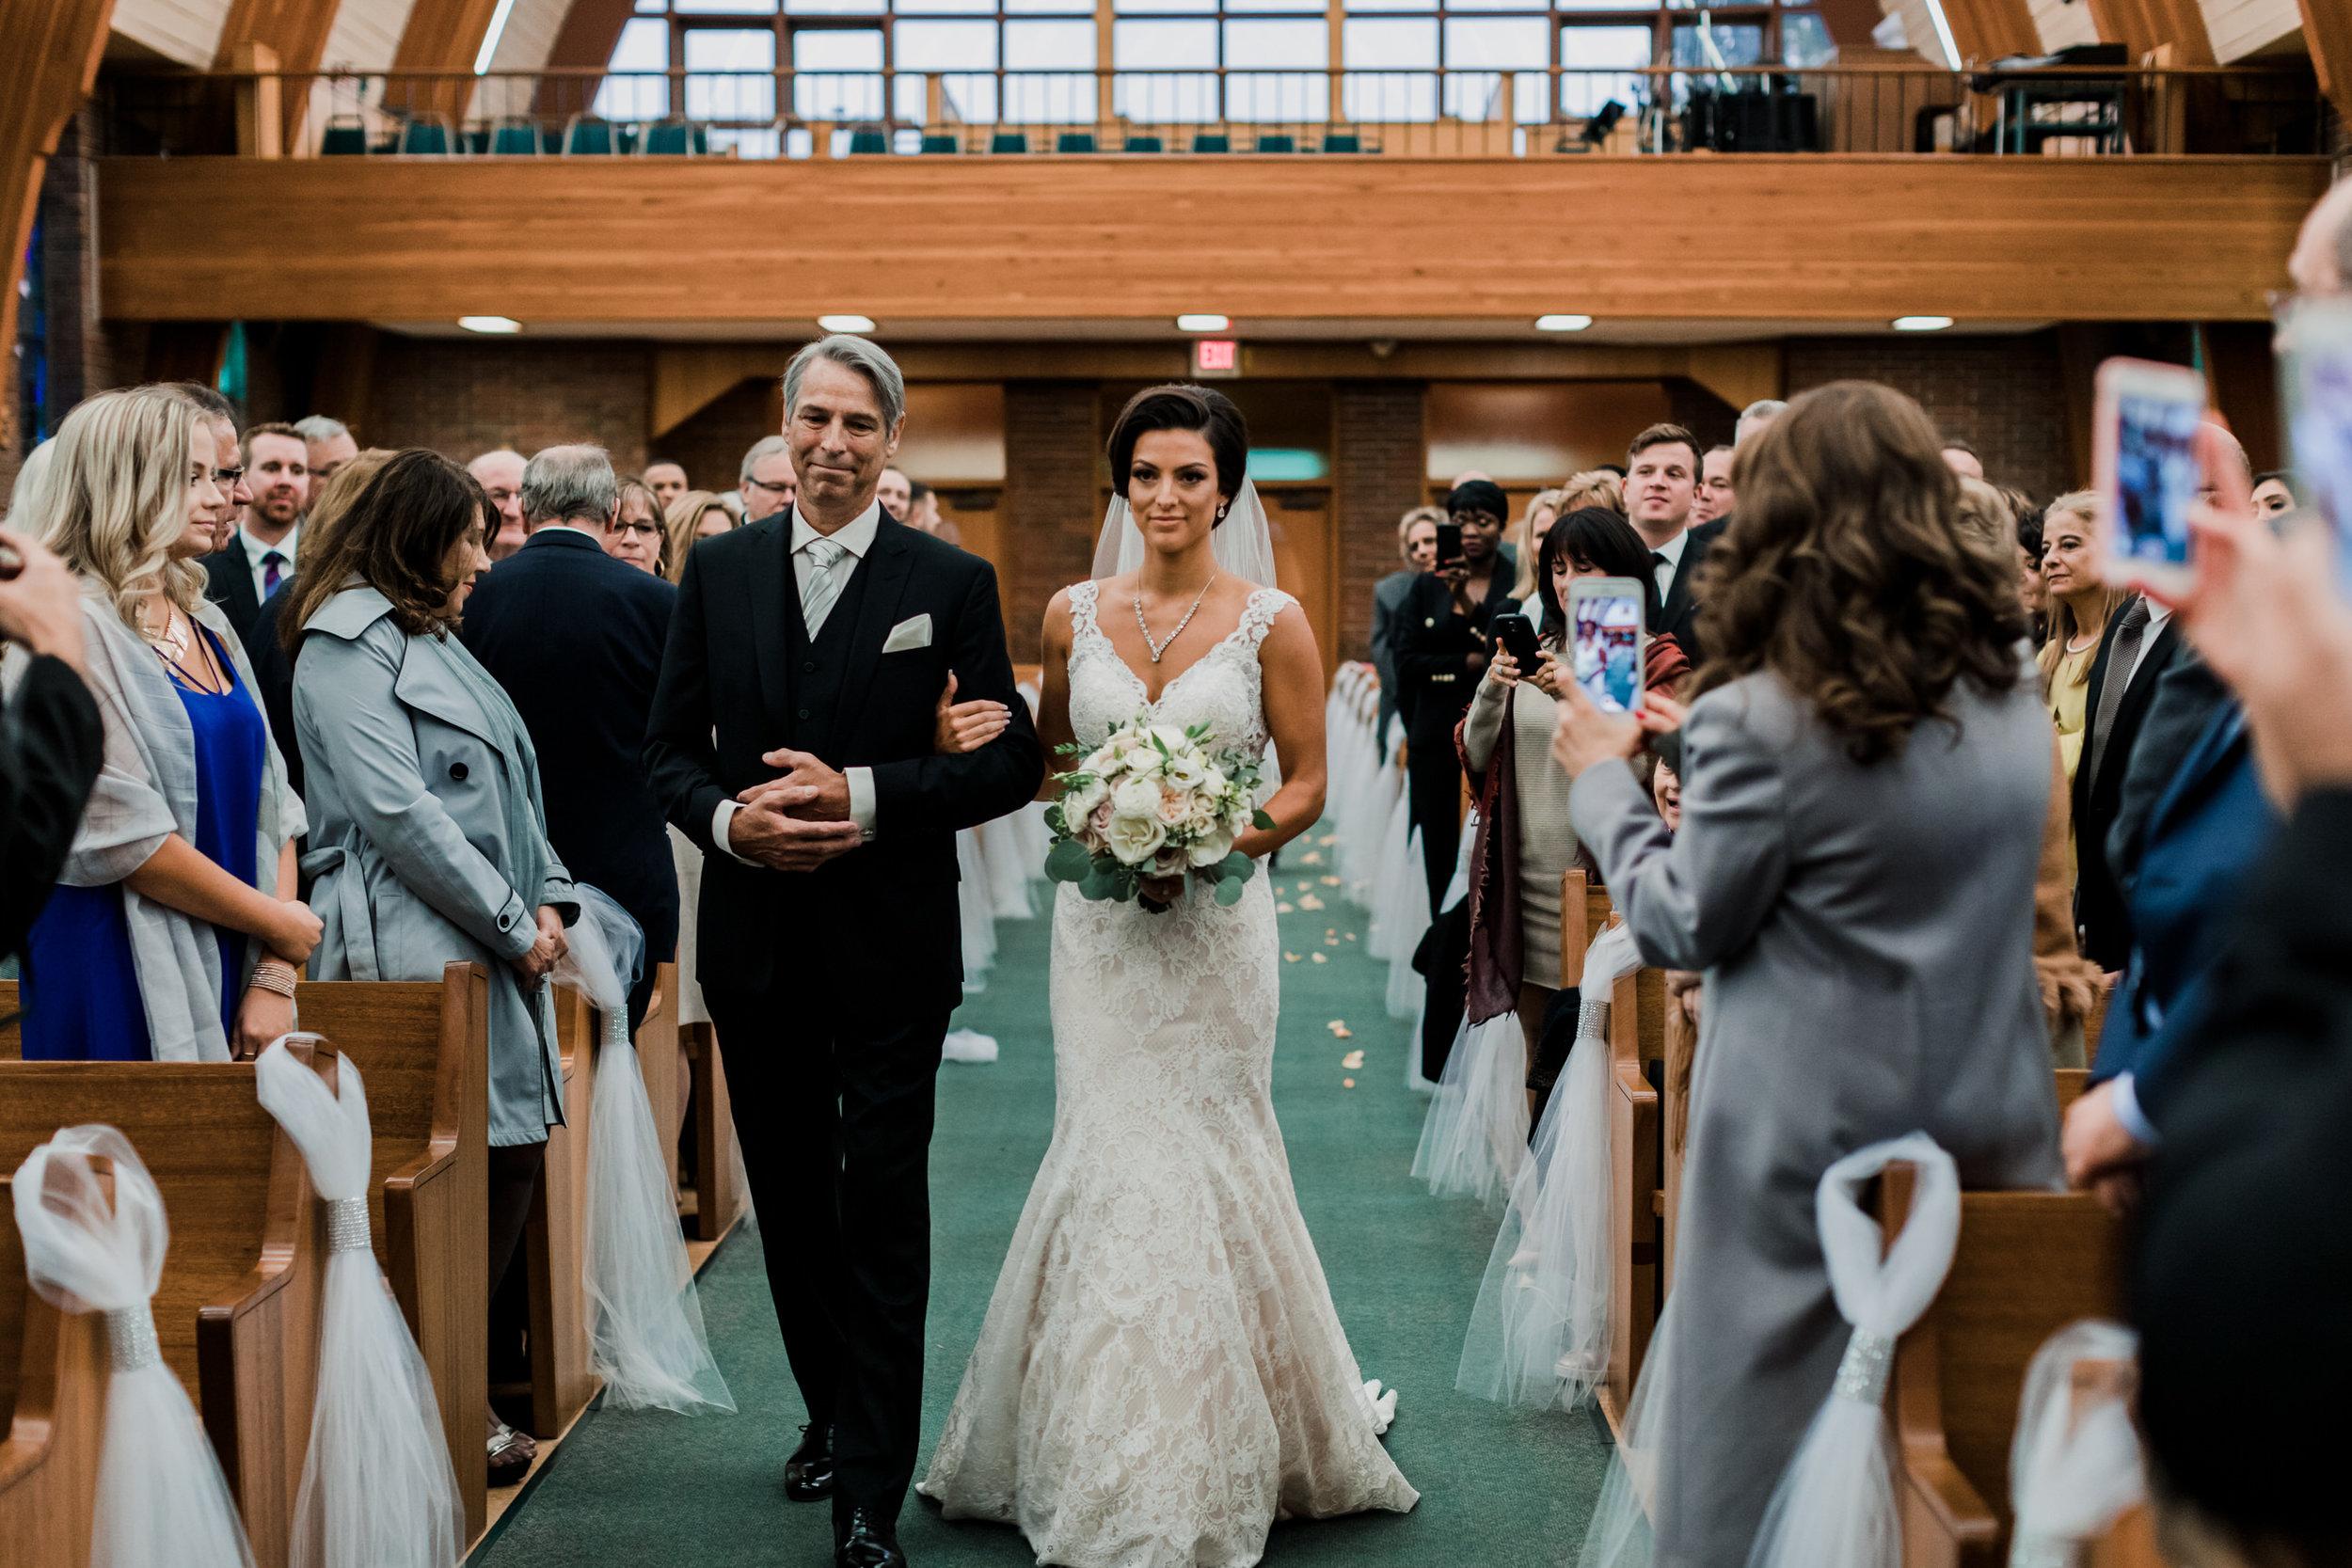 Pitt Meadows Wedding Photographer - Sky Hangar Wedding Photos - Vancouver Wedding Photographer & Videographer - Sunshine Coast Wedding Photos - Sunshine Coast Wedding Photographer - Jennifer Picard Photography - 1A5A0832.jpg